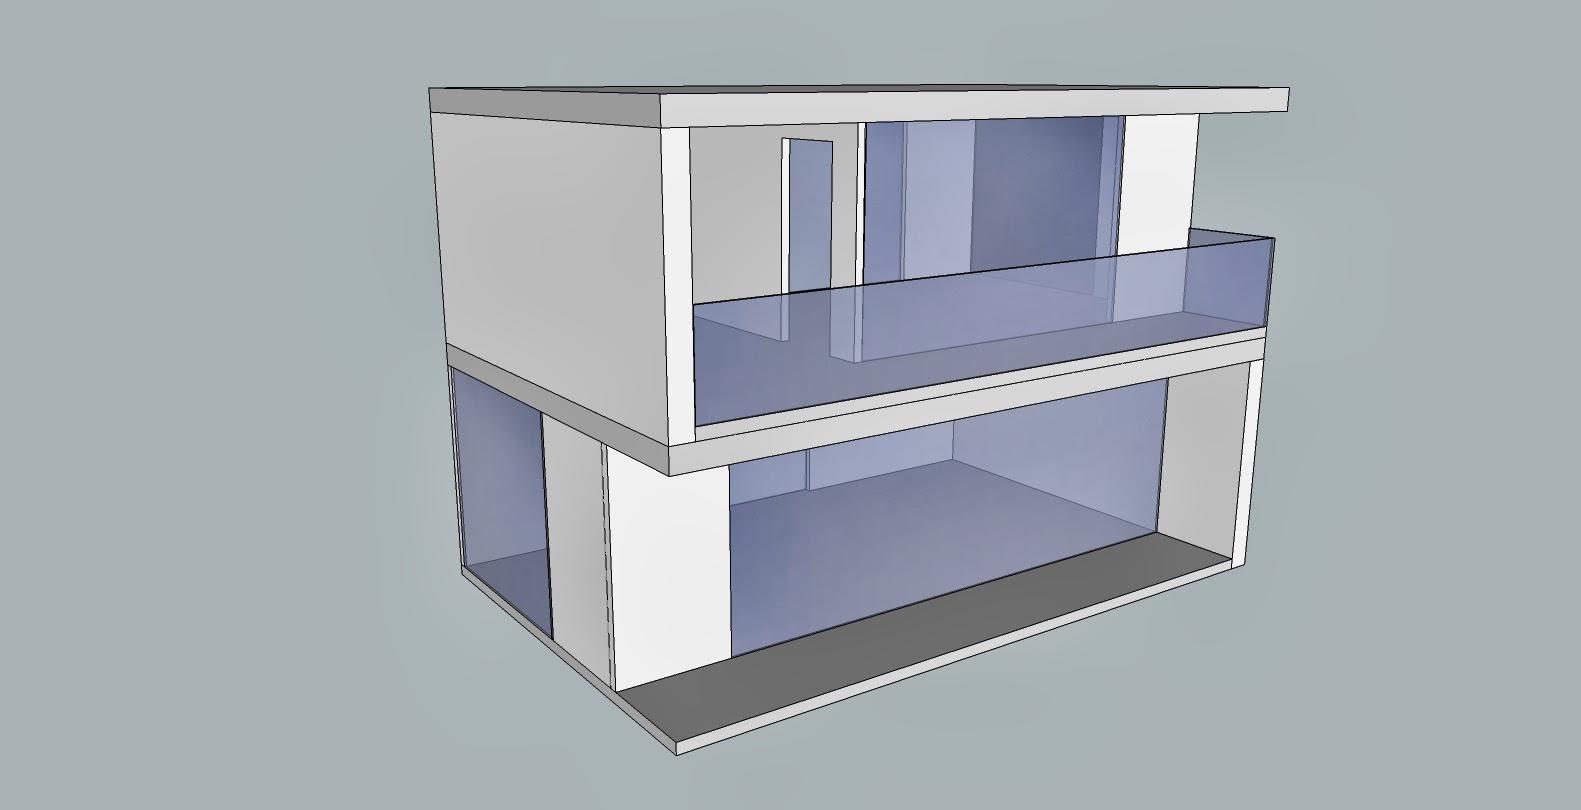 Ejemplo de 2 módulos formando una casa de muñecas moderna